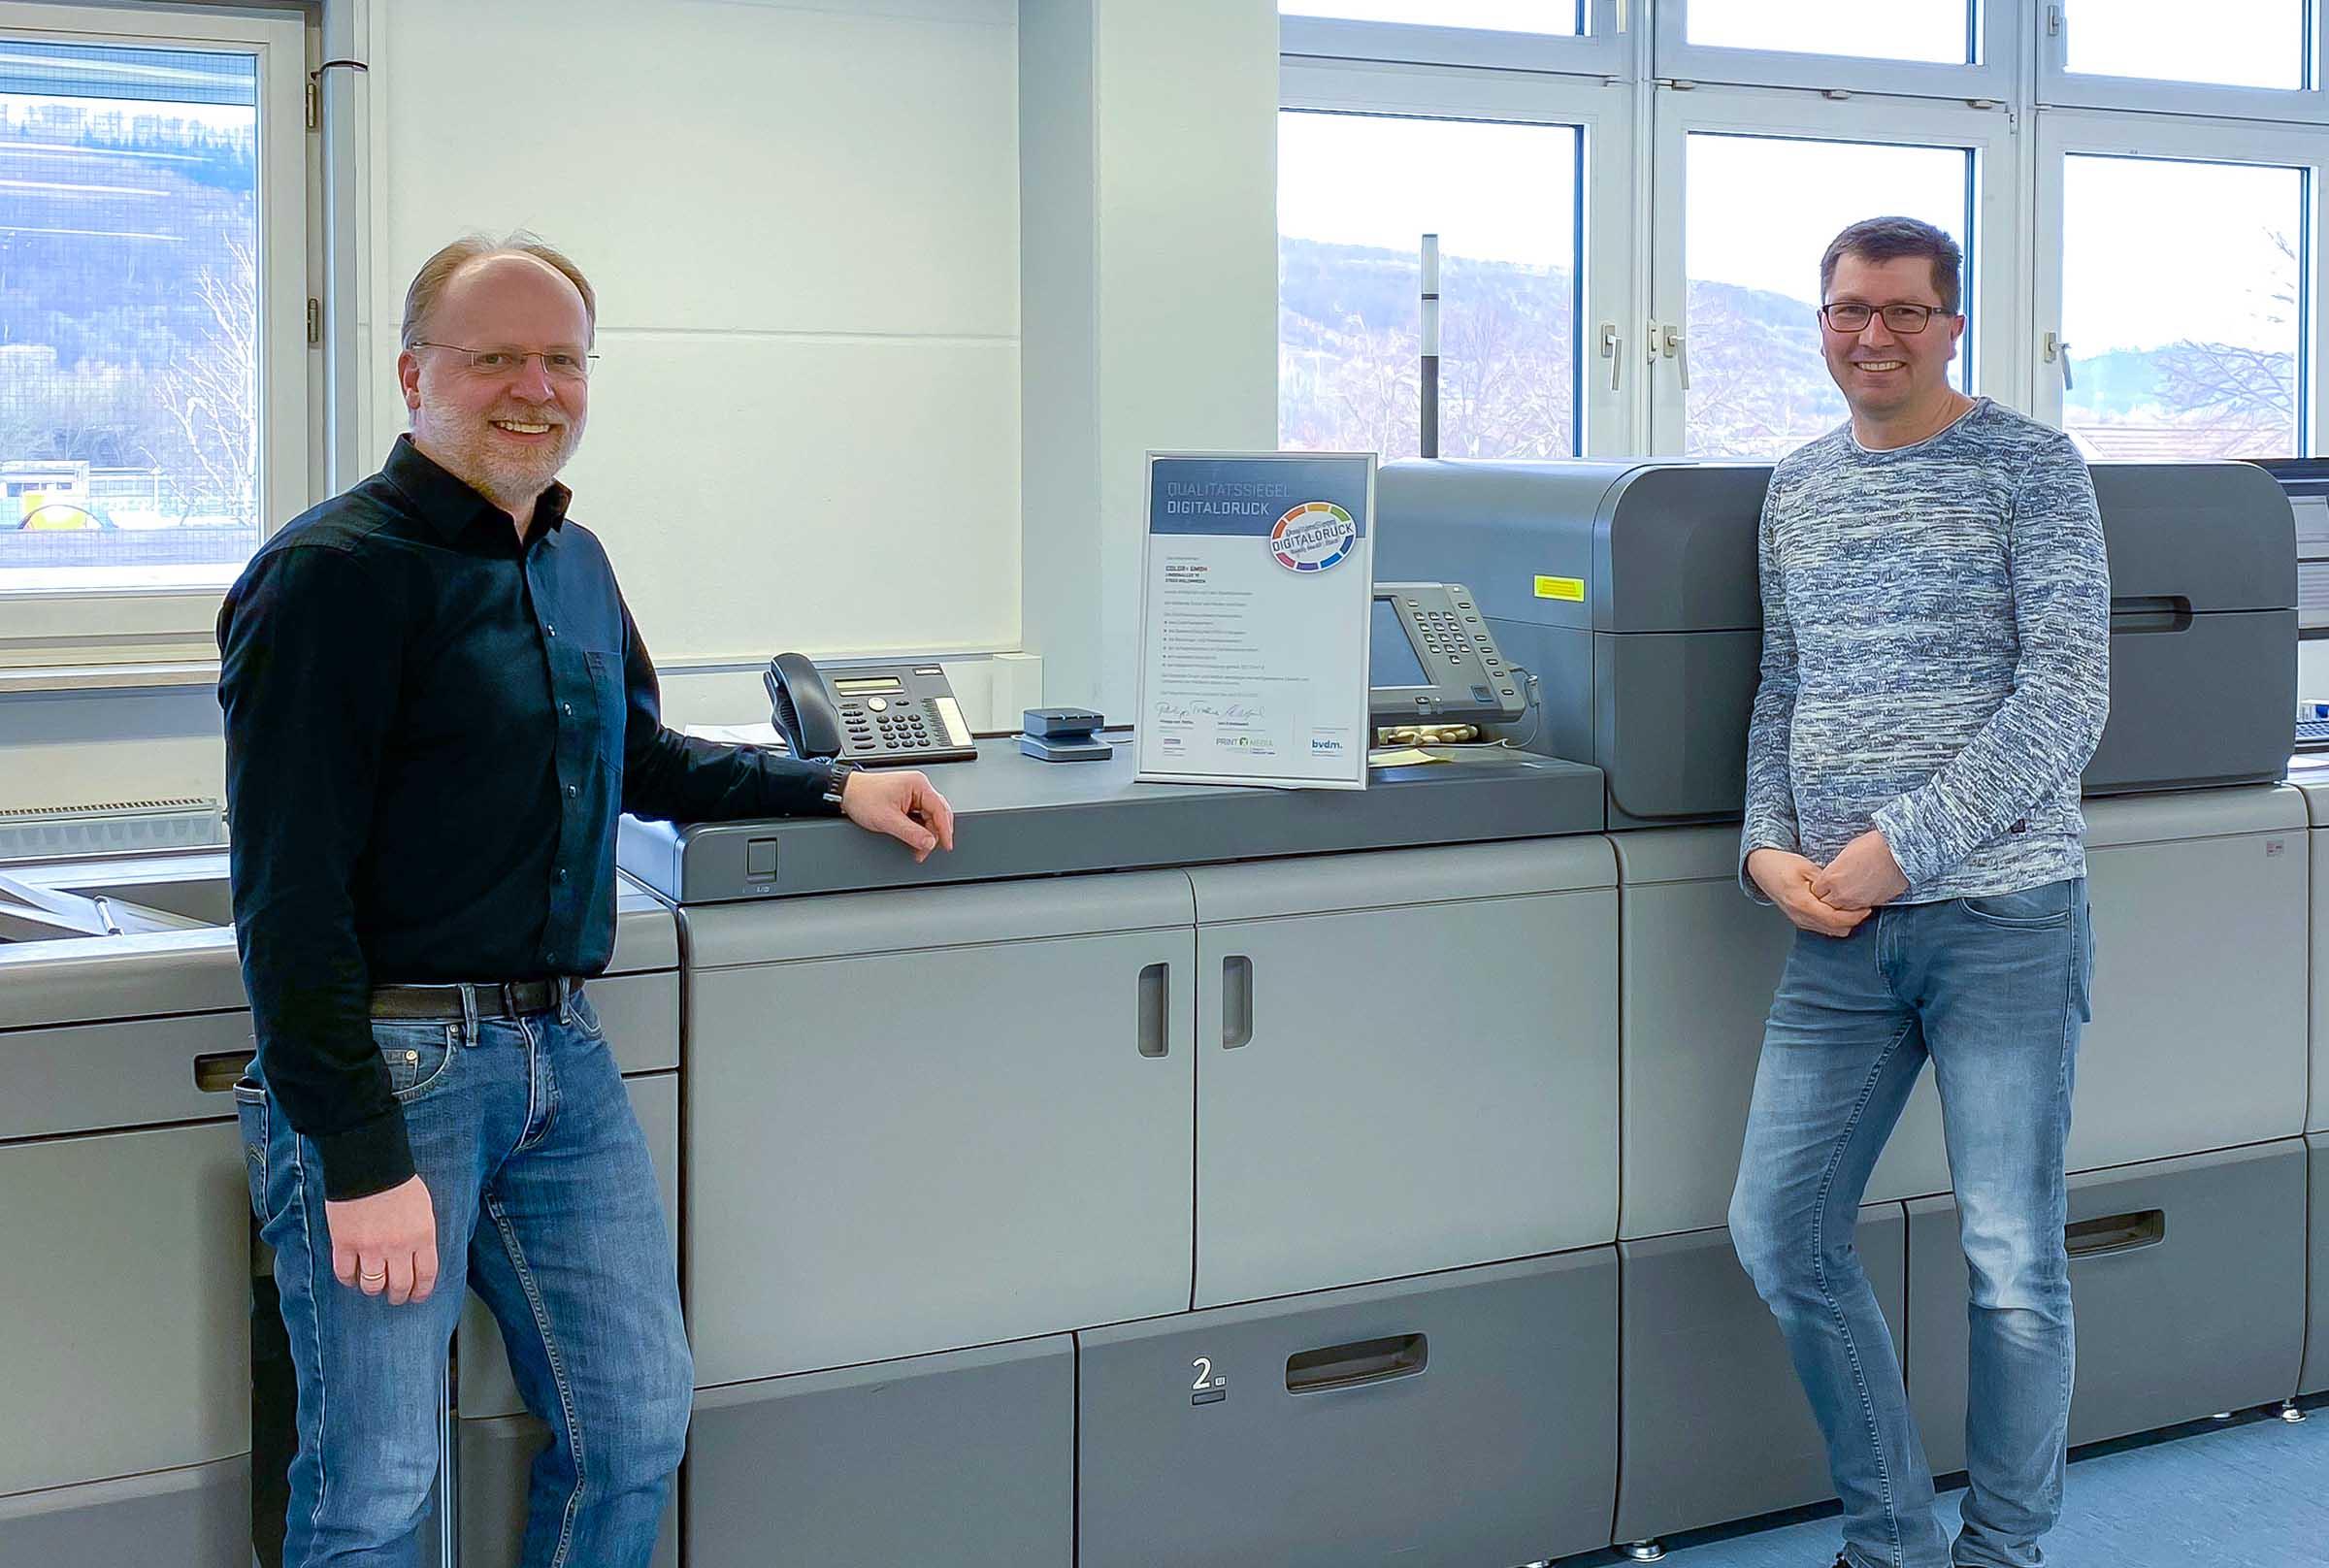 Udo Eickelpasch und Thorsten Stickel von Color+ vor der Digitaldruckmaschine, mit der die Prüfung abgelegt worden ist.